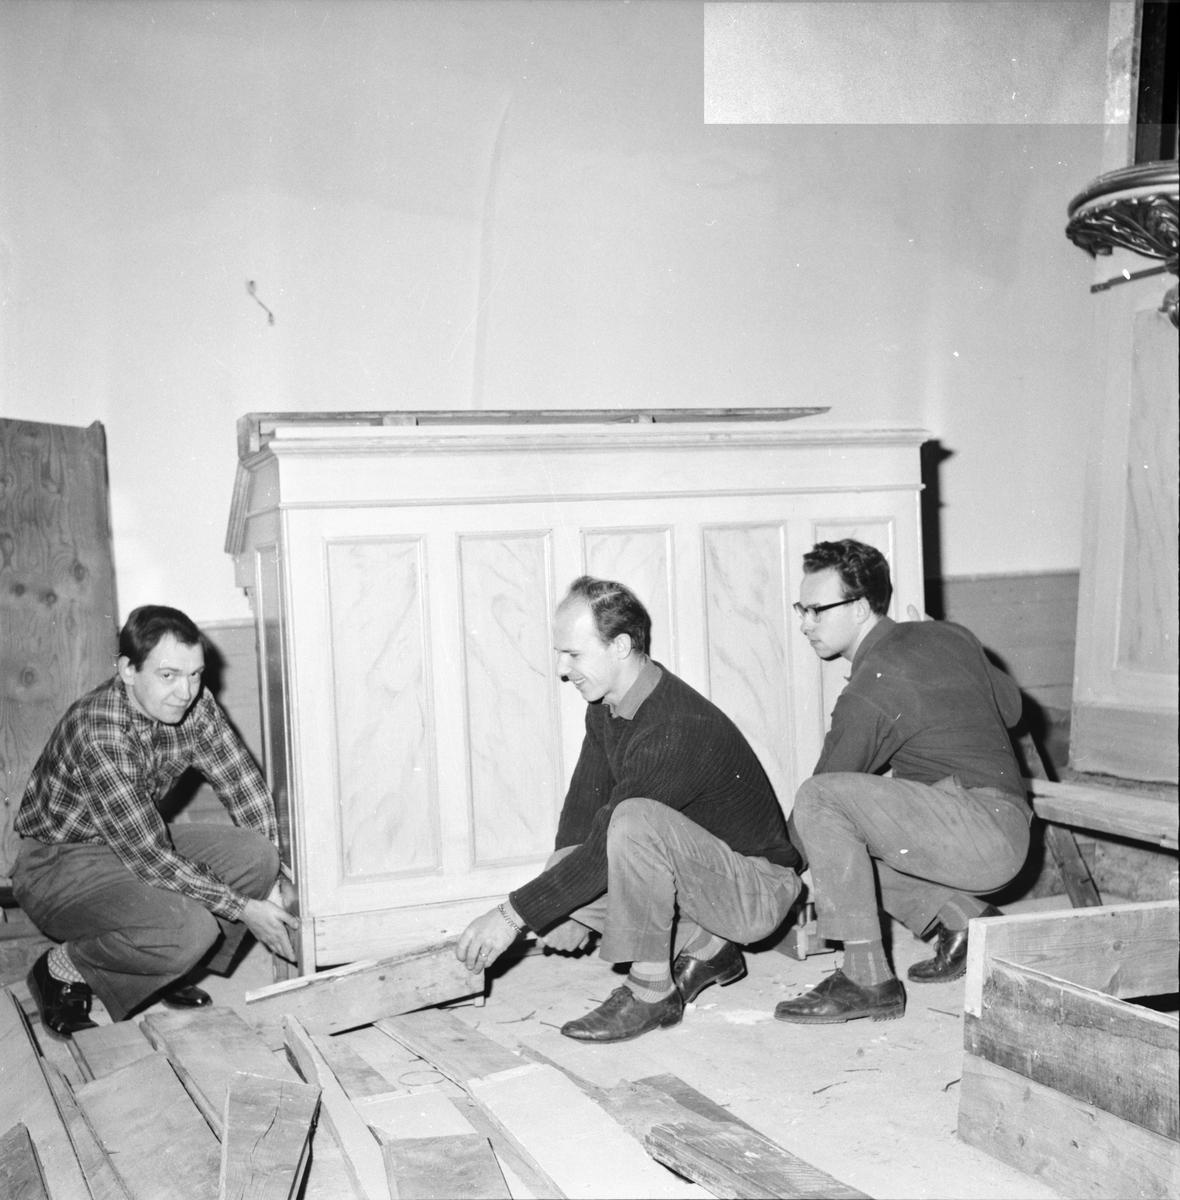 Bollnäs kyrka, Läktar ombyggnad, 7 Nov. 1962